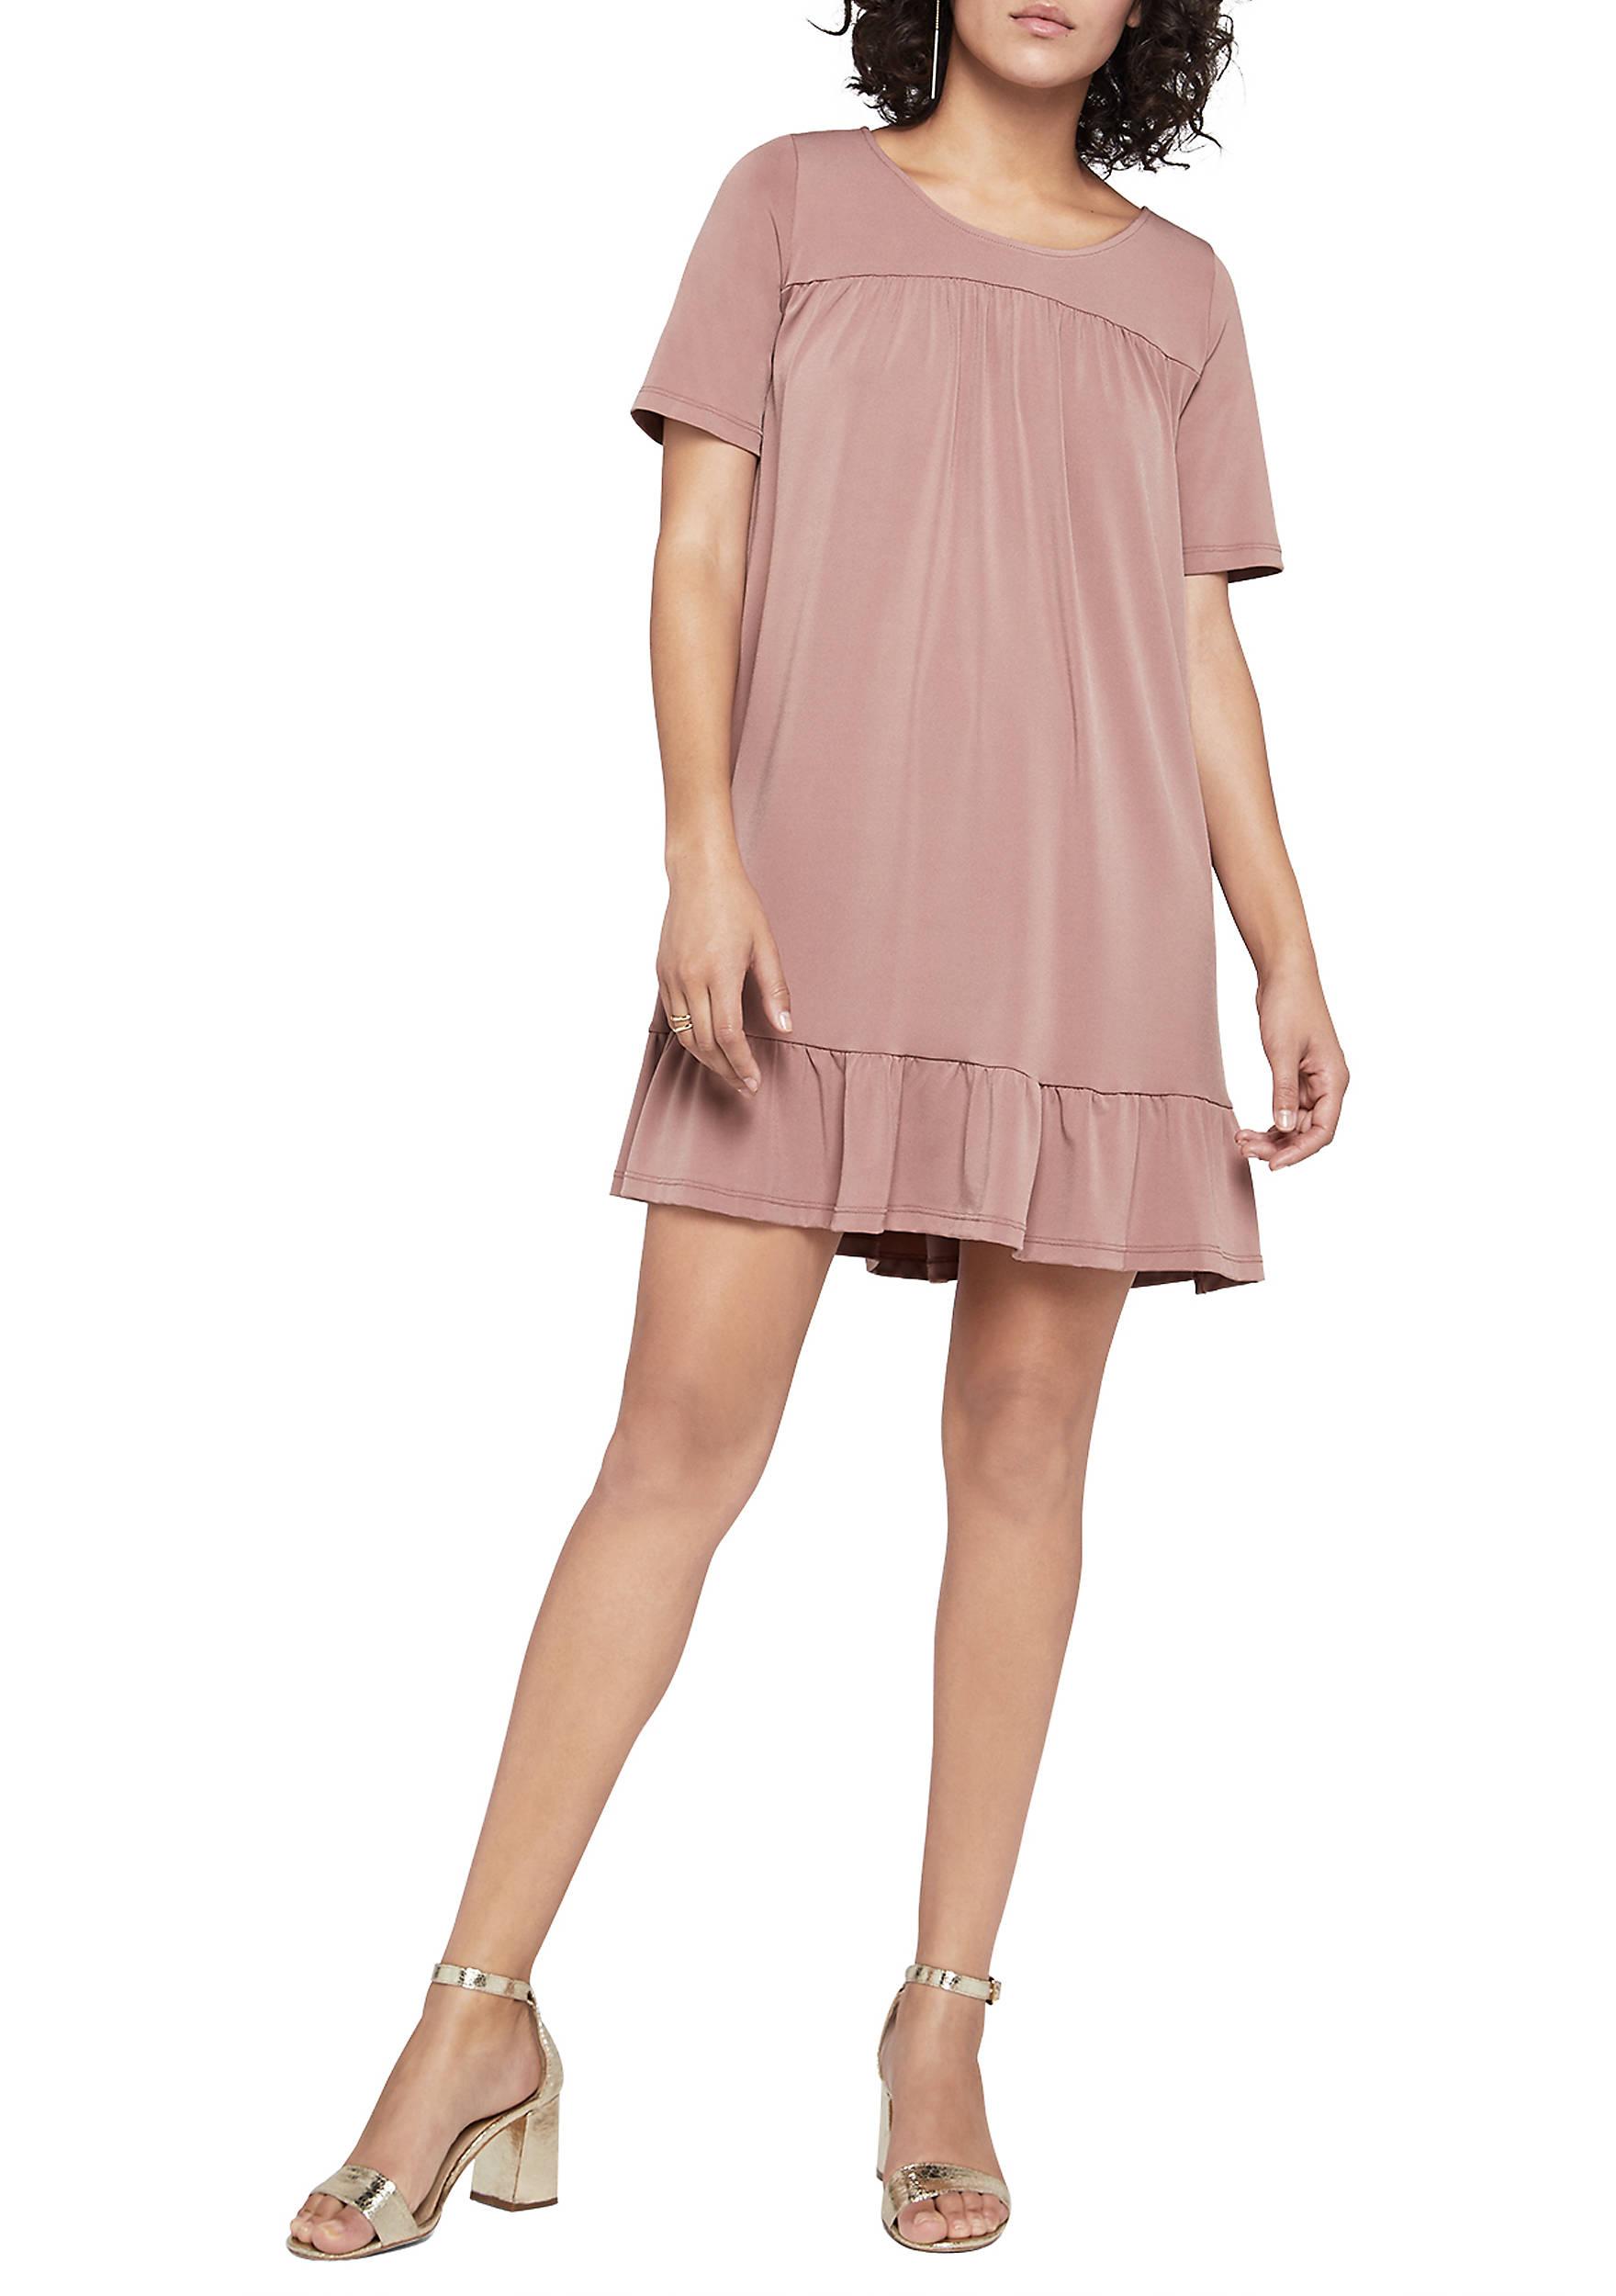 Atractivo Cocktail Dresses Belk Regalo - Colección de Vestidos de ...